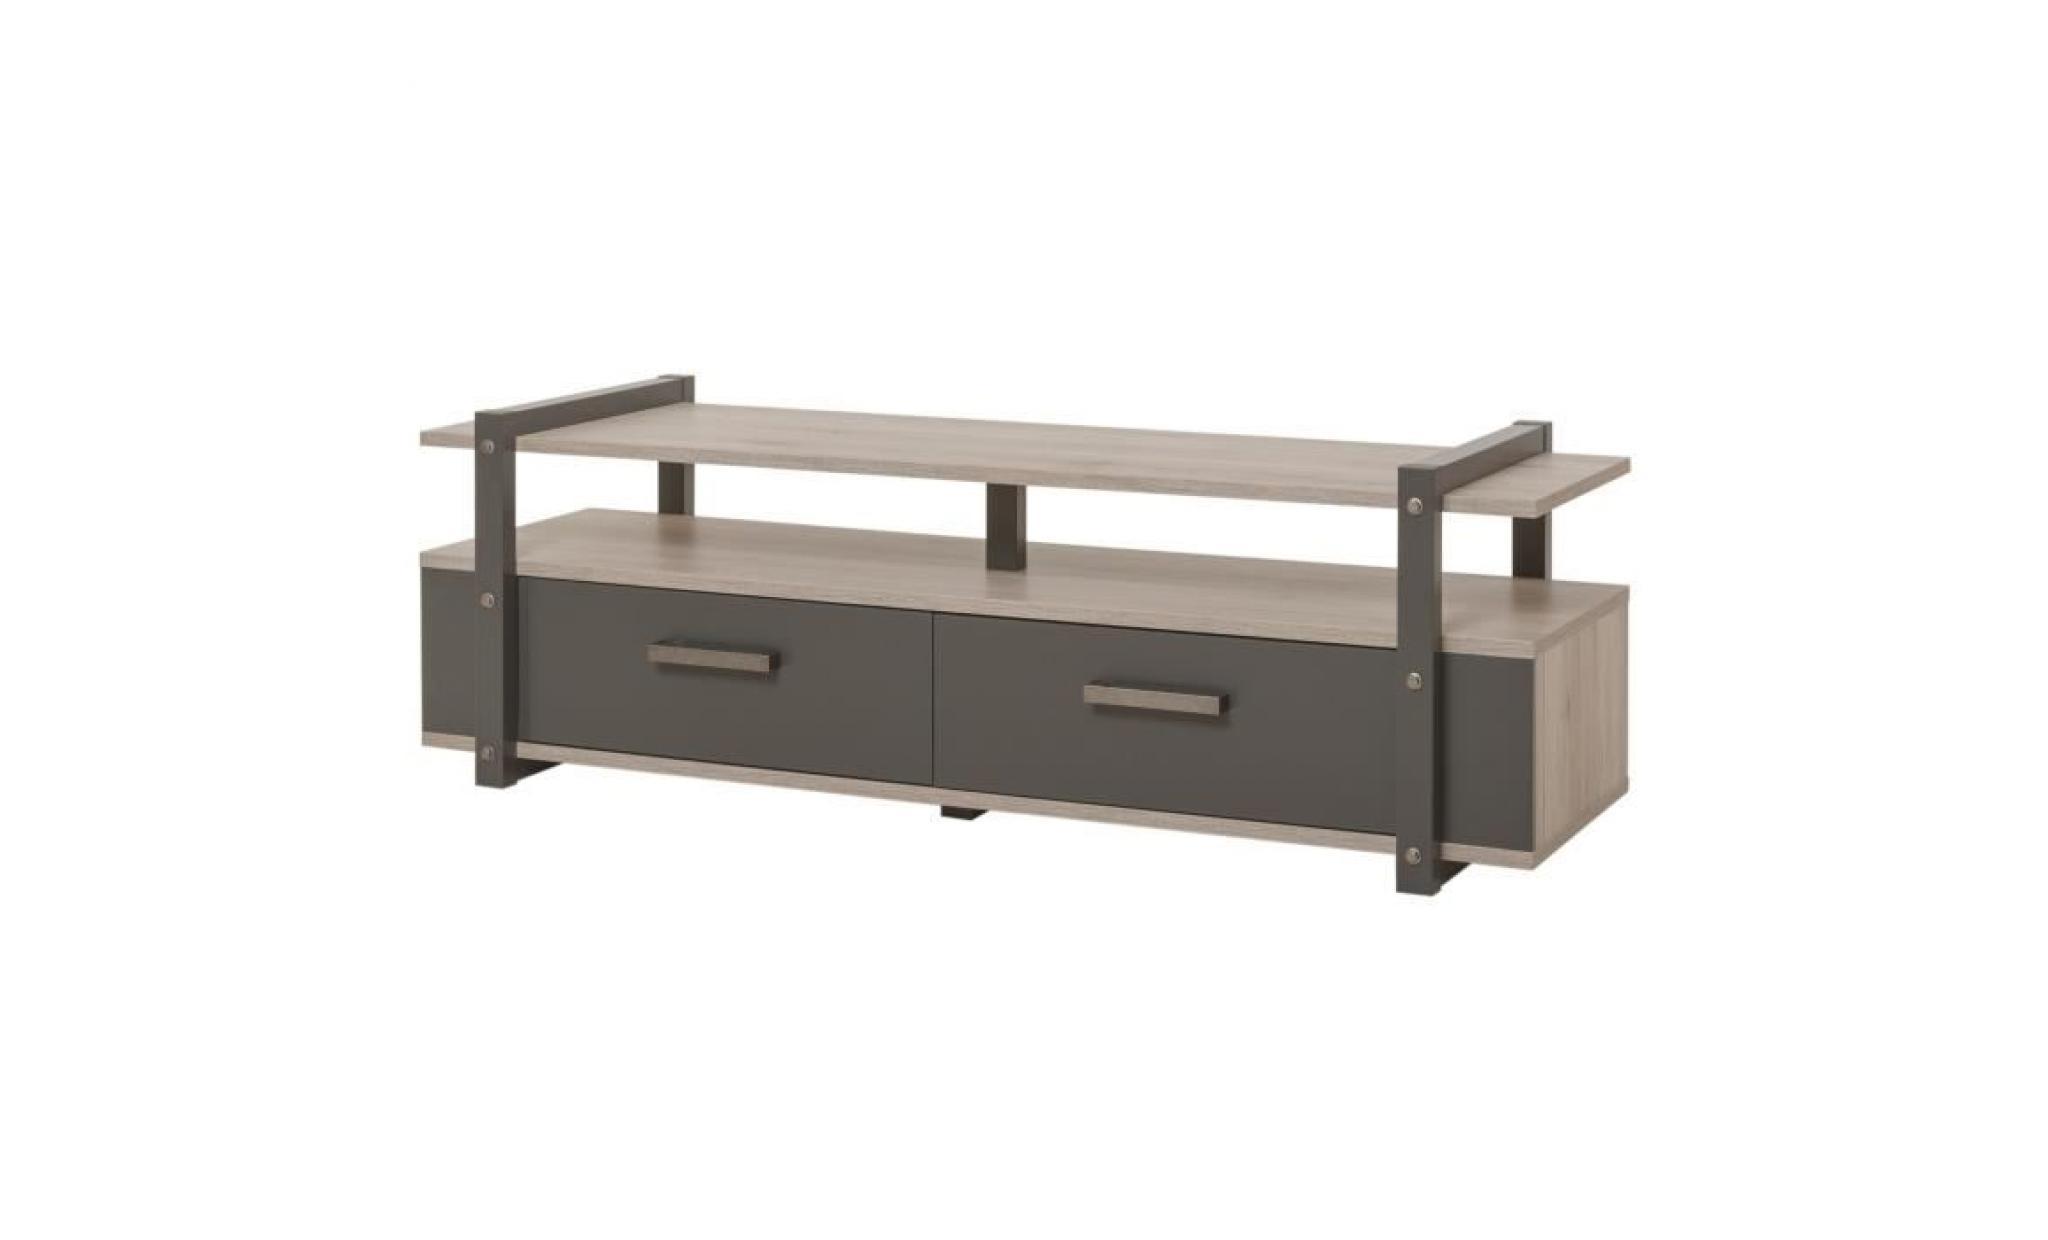 brooklyn meuble tv industriel decor chene et gris anthracite l 140 cm achat vente meuble tv pas cher couleur et design fr